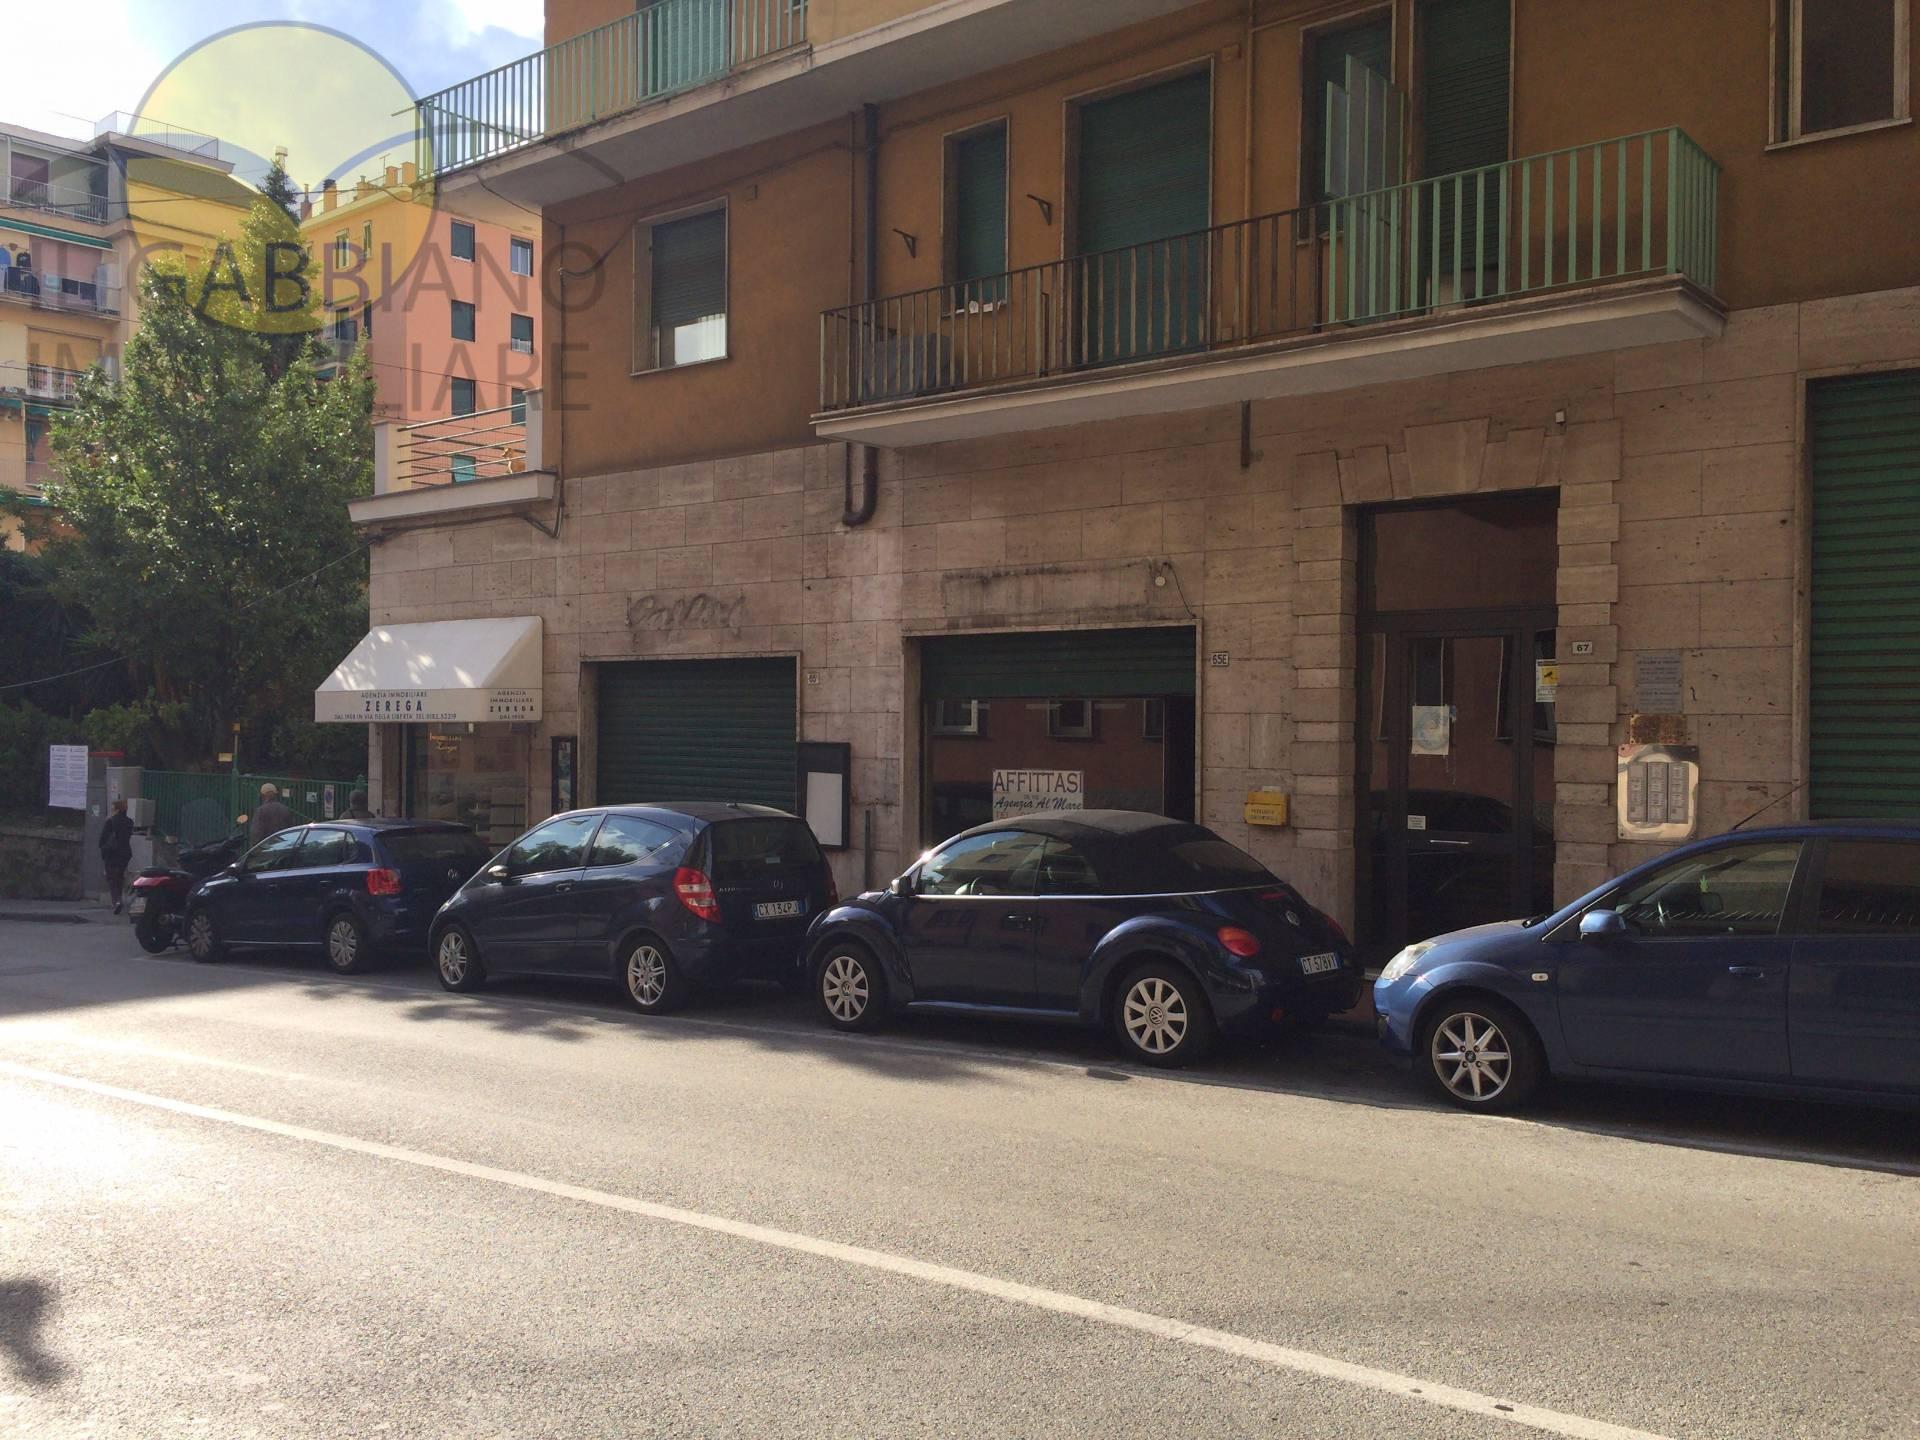 Negozio / Locale in affitto a Rapallo, 9999 locali, prezzo € 650 | CambioCasa.it